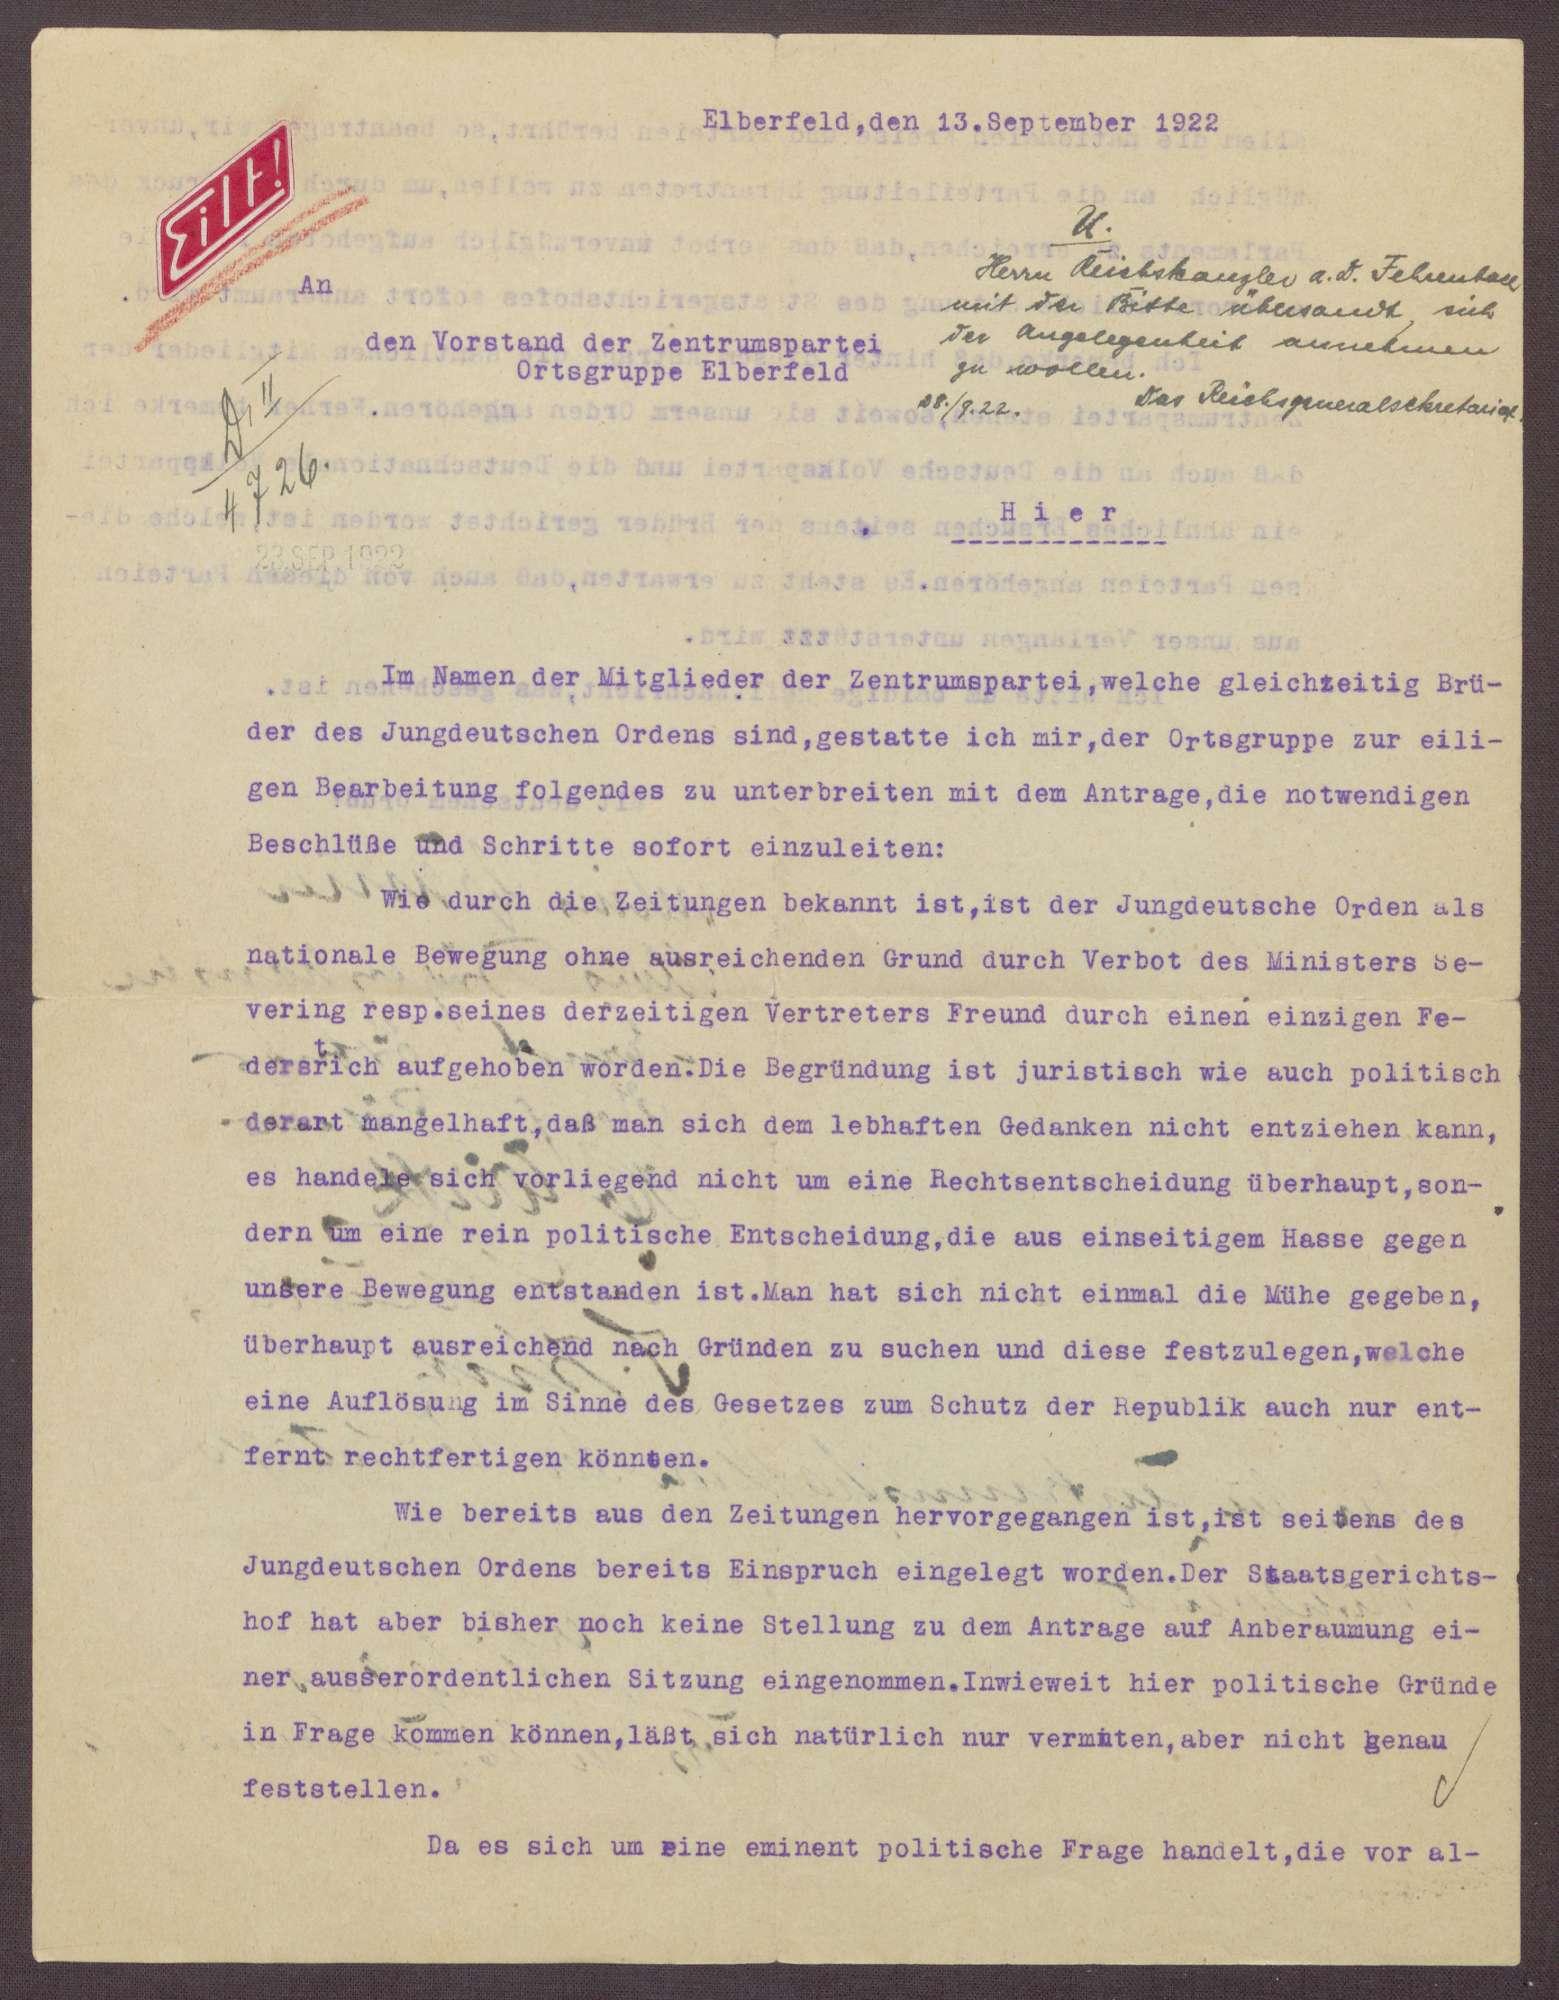 Schreiben des Jungdeutschen Ordens an die Zentrumspartei, Ortsgruppe Elberfeld, Einspruch gegen das Verbot des Jungdeutschen Ordens, Bild 2